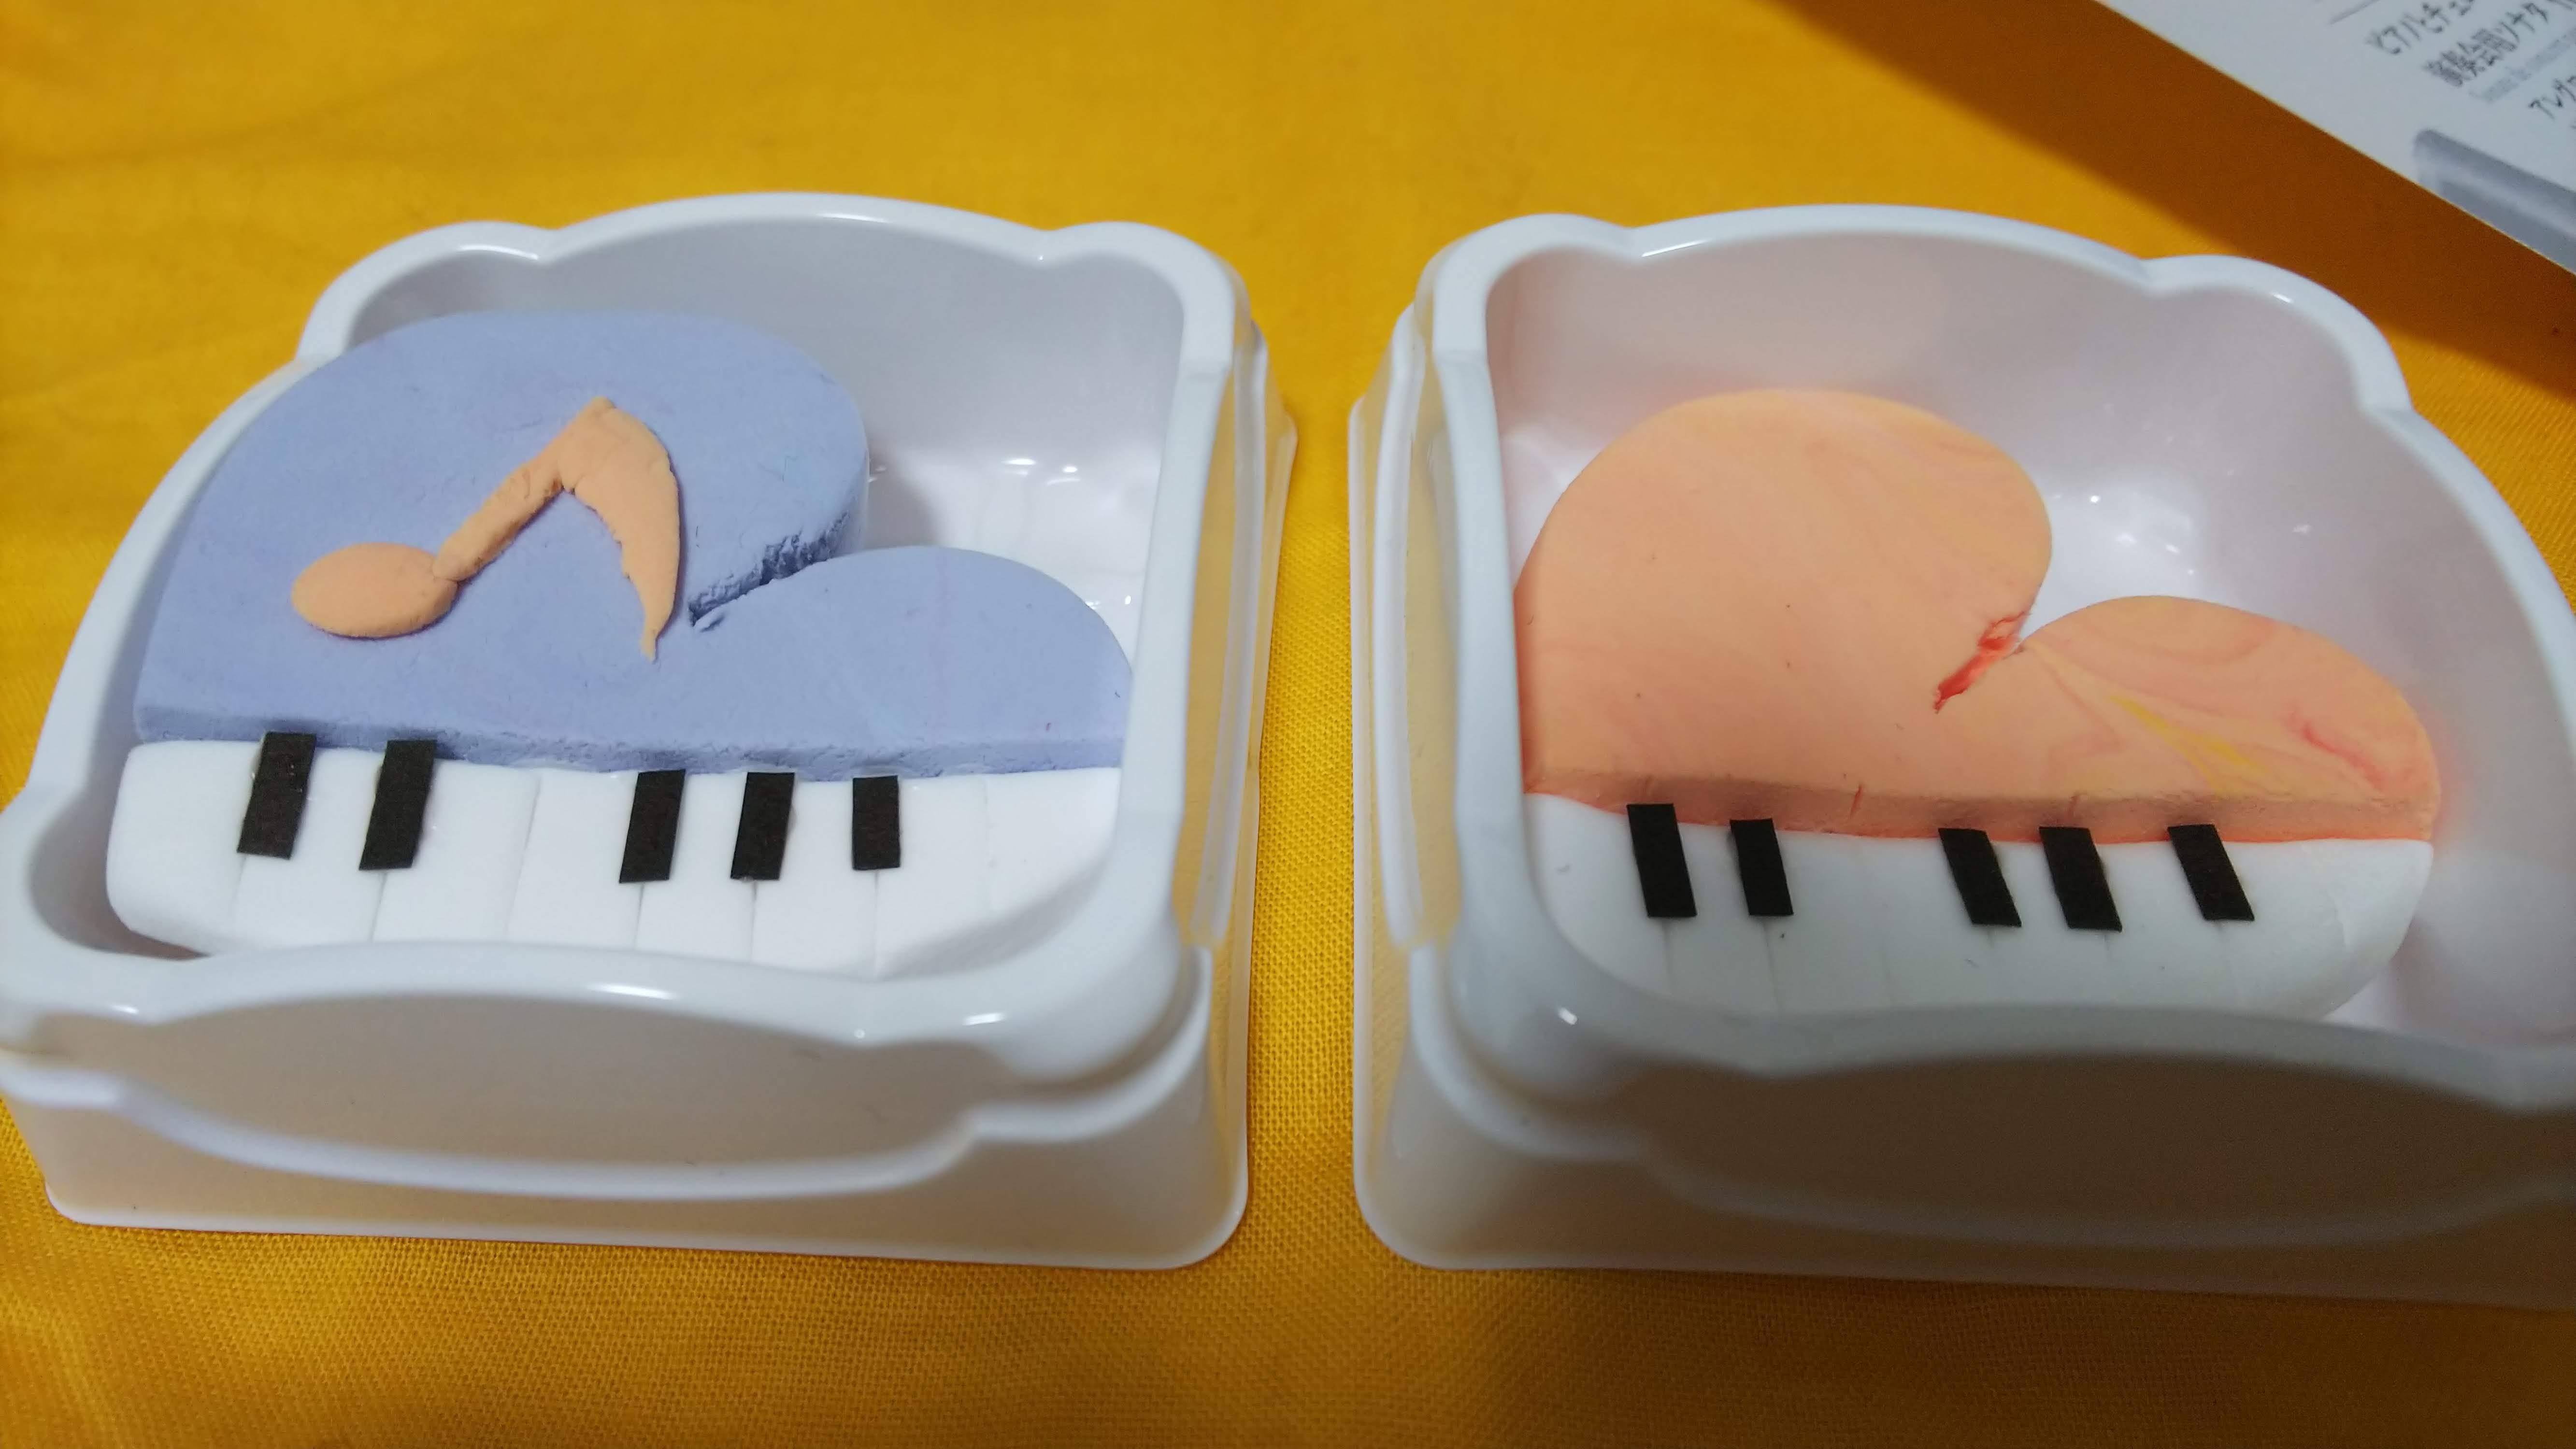 ねんドルひとみ先生に教わって作ったピアノ